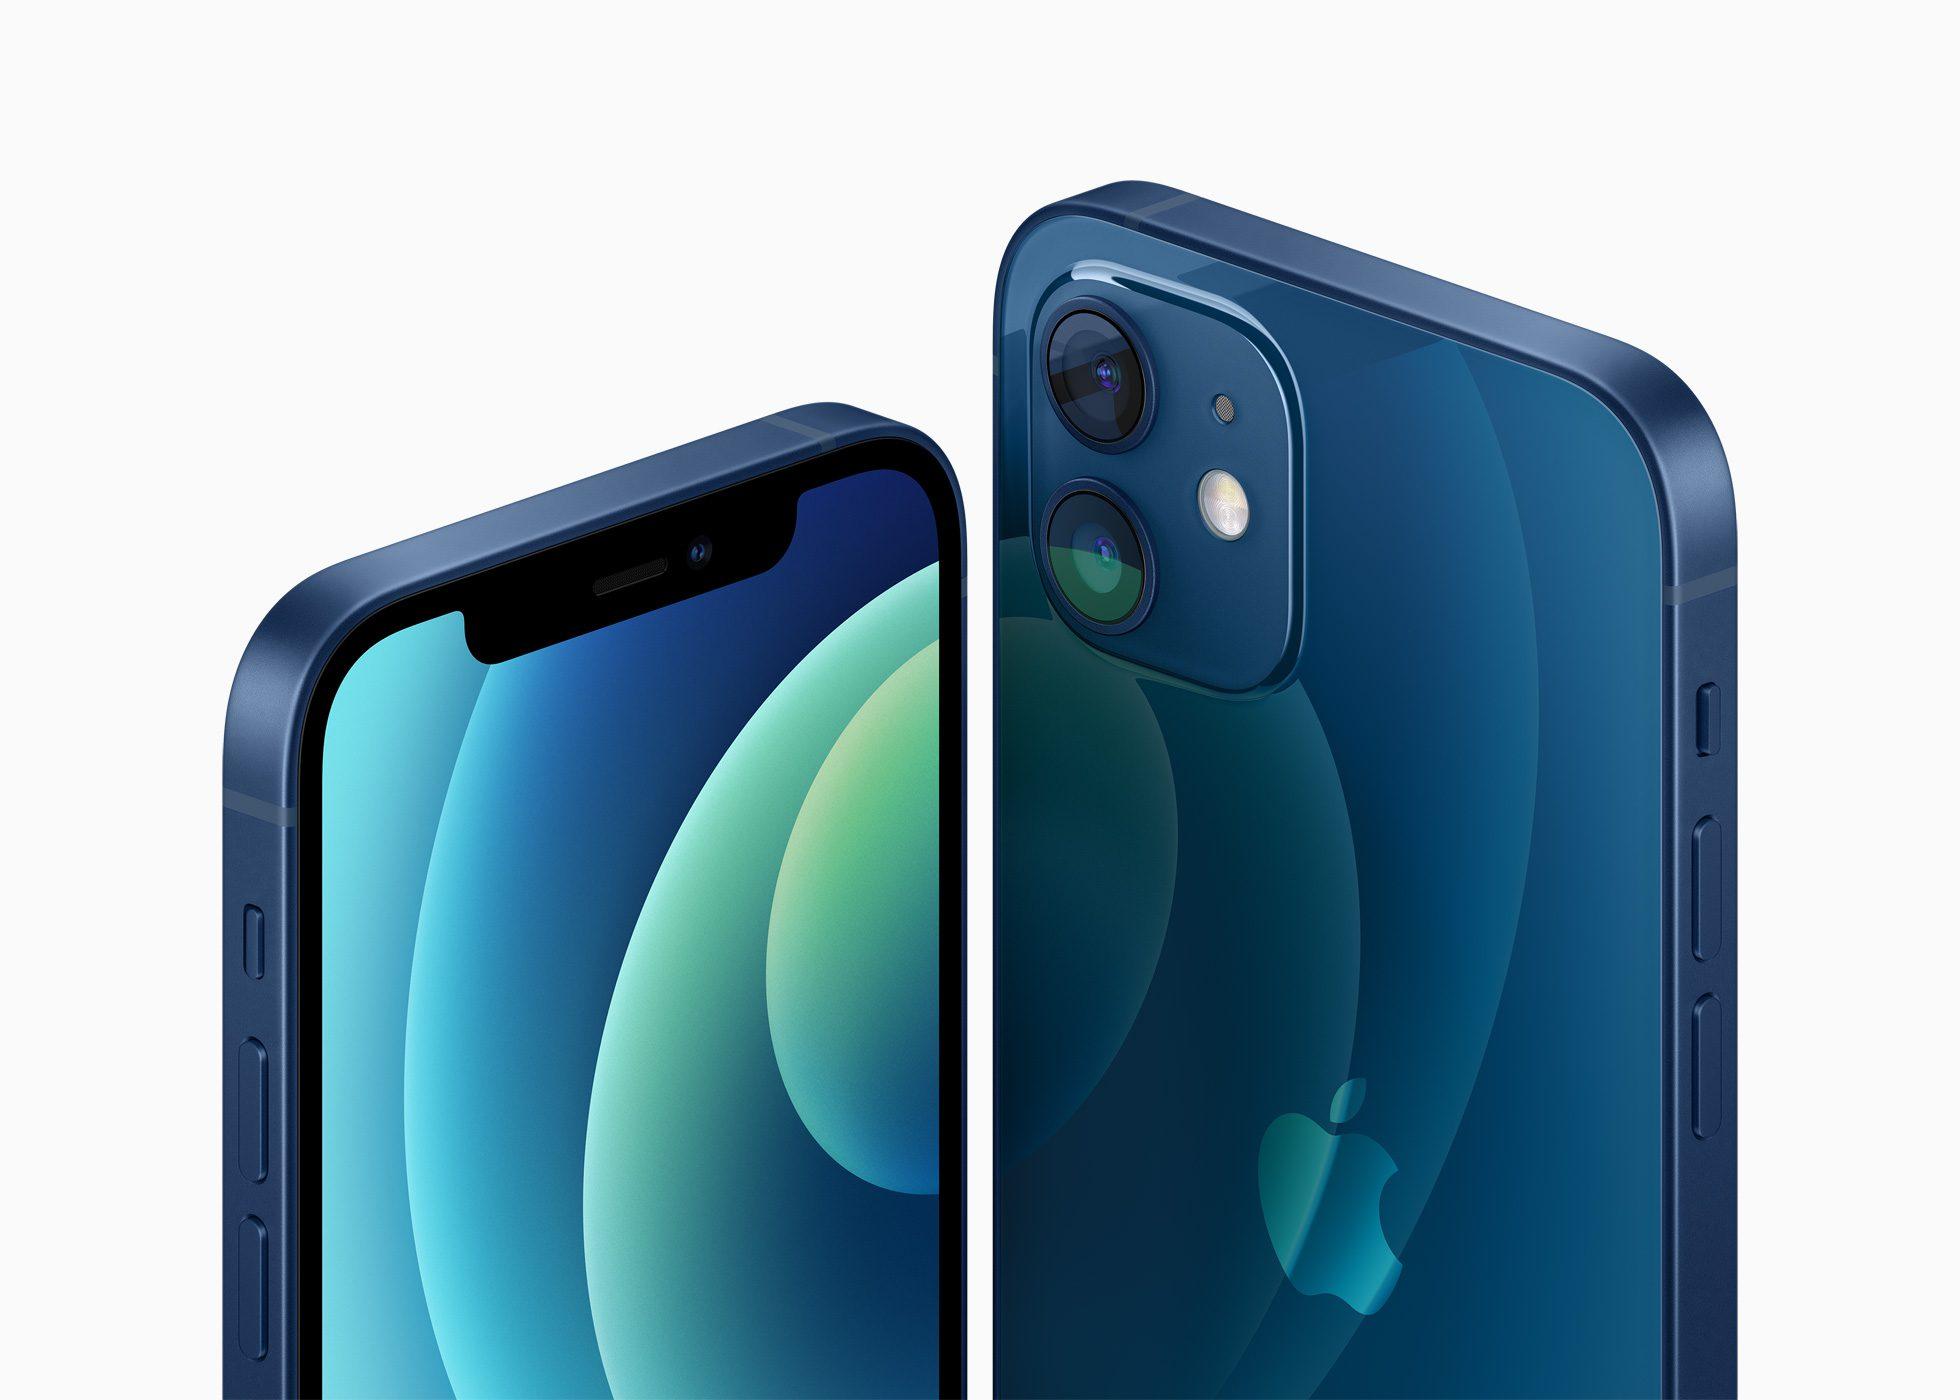 Продажи Apple iPhone превысили 100 миллионов юаней за секунду